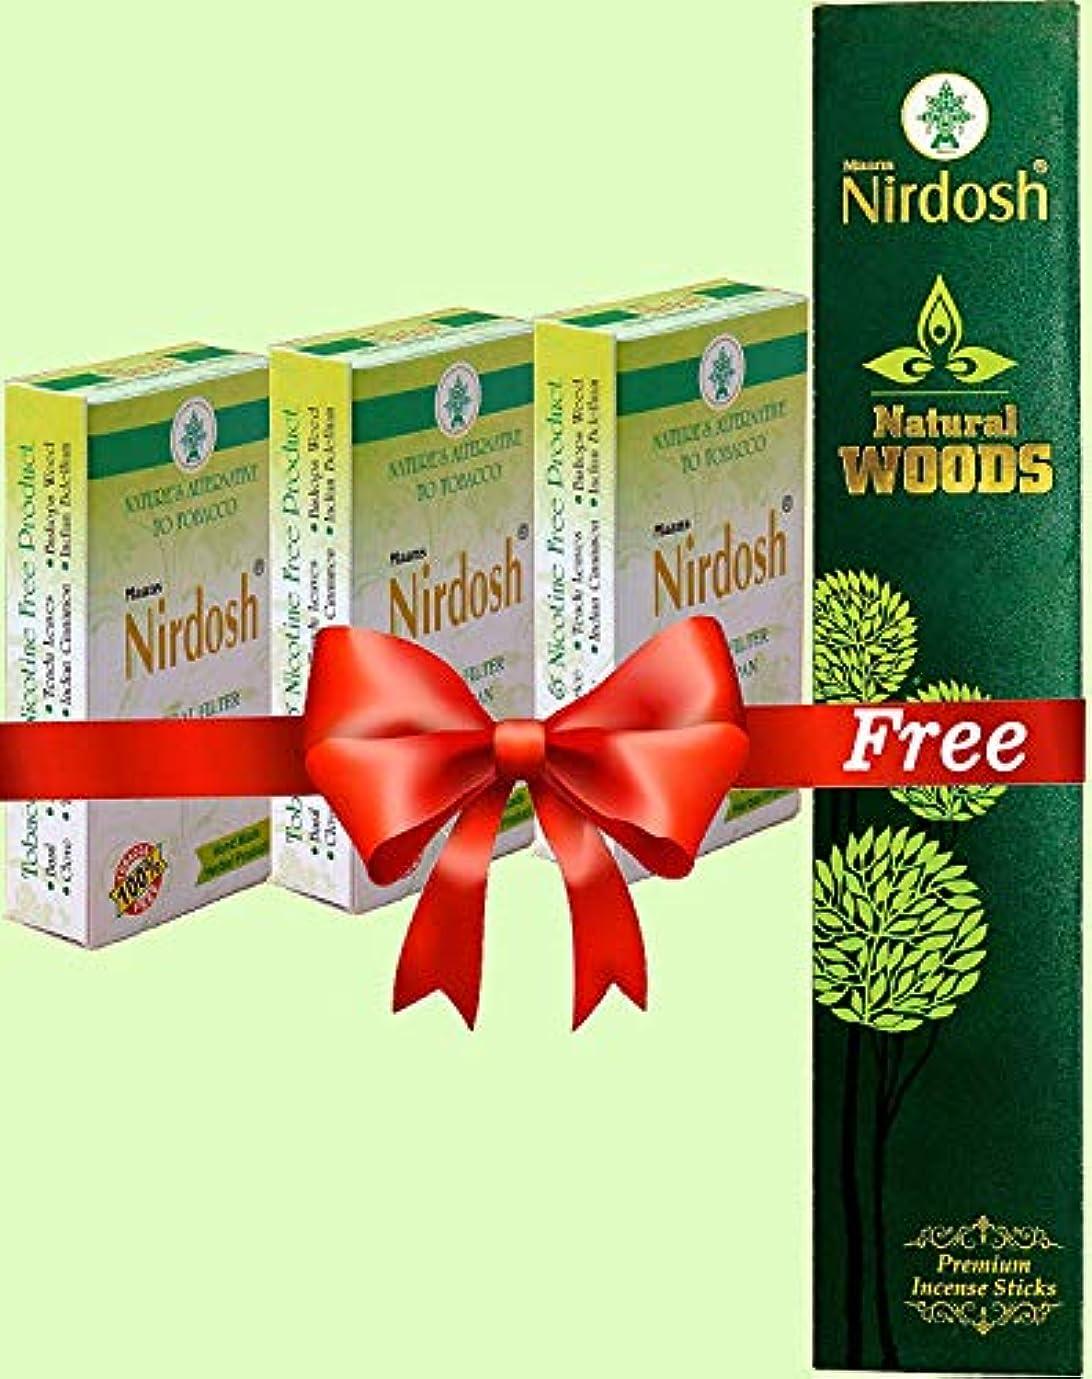 昼寝メロンツーリストNirdosh Herbal Dhoompan - Pack of 3x10 Sticks - Free Natural Woods Masala Incense Sticks 25g.